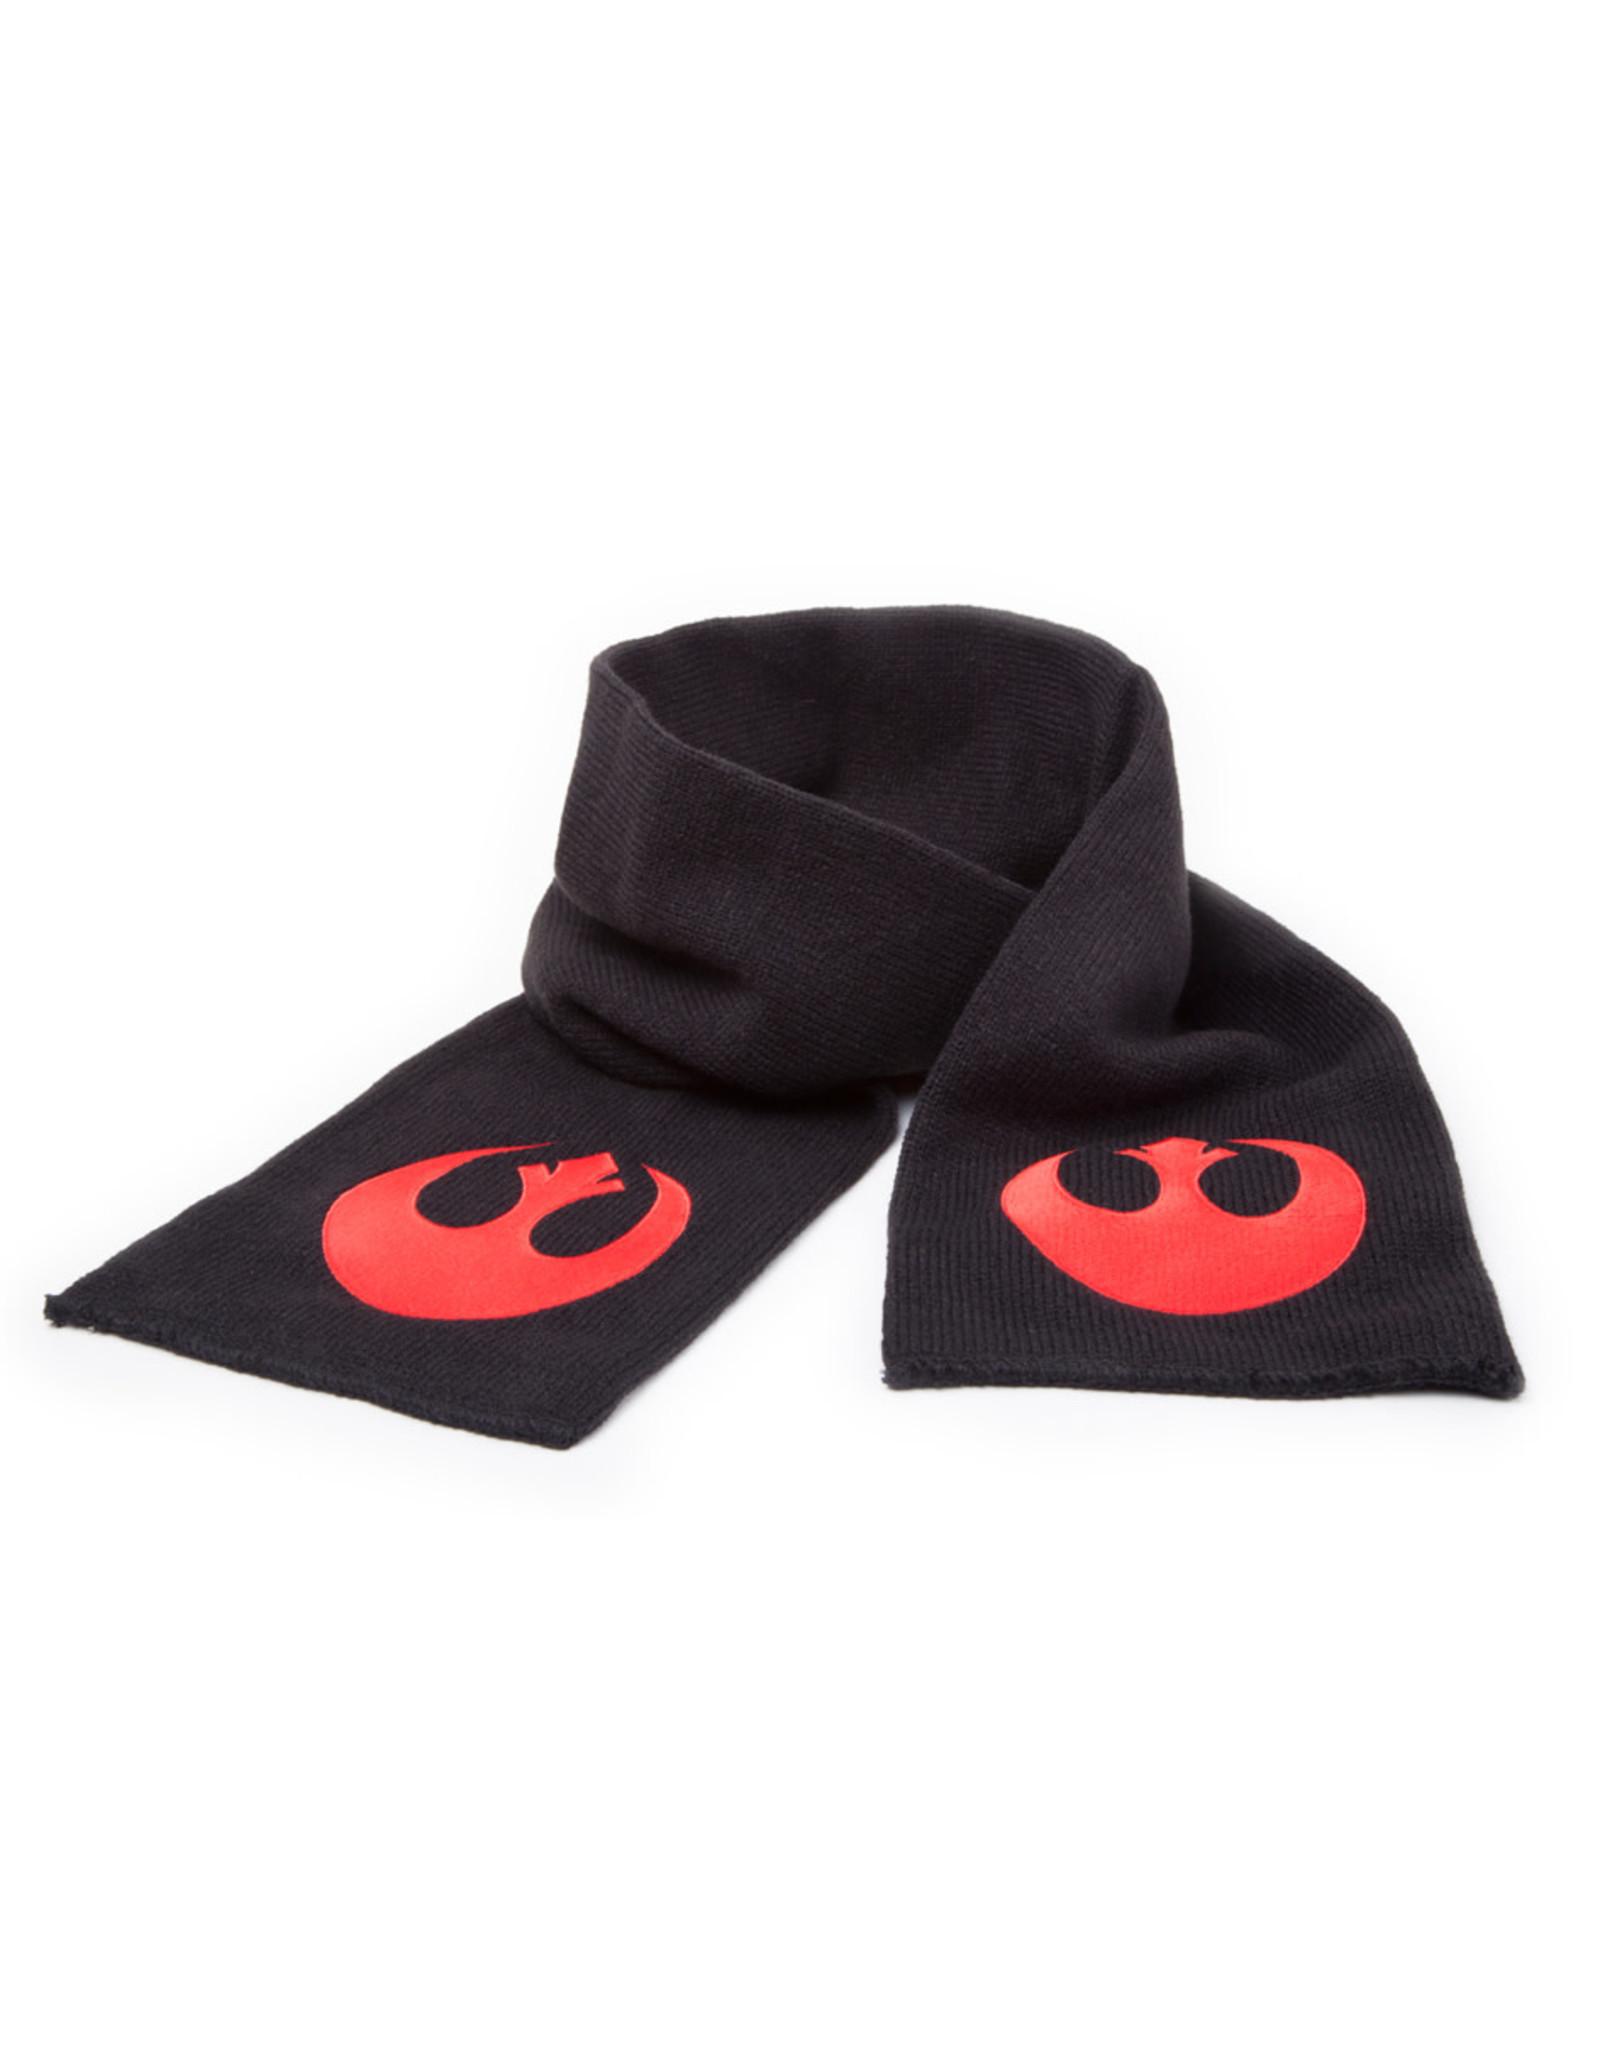 STAR WARS - Scarf - Rebel Alliance